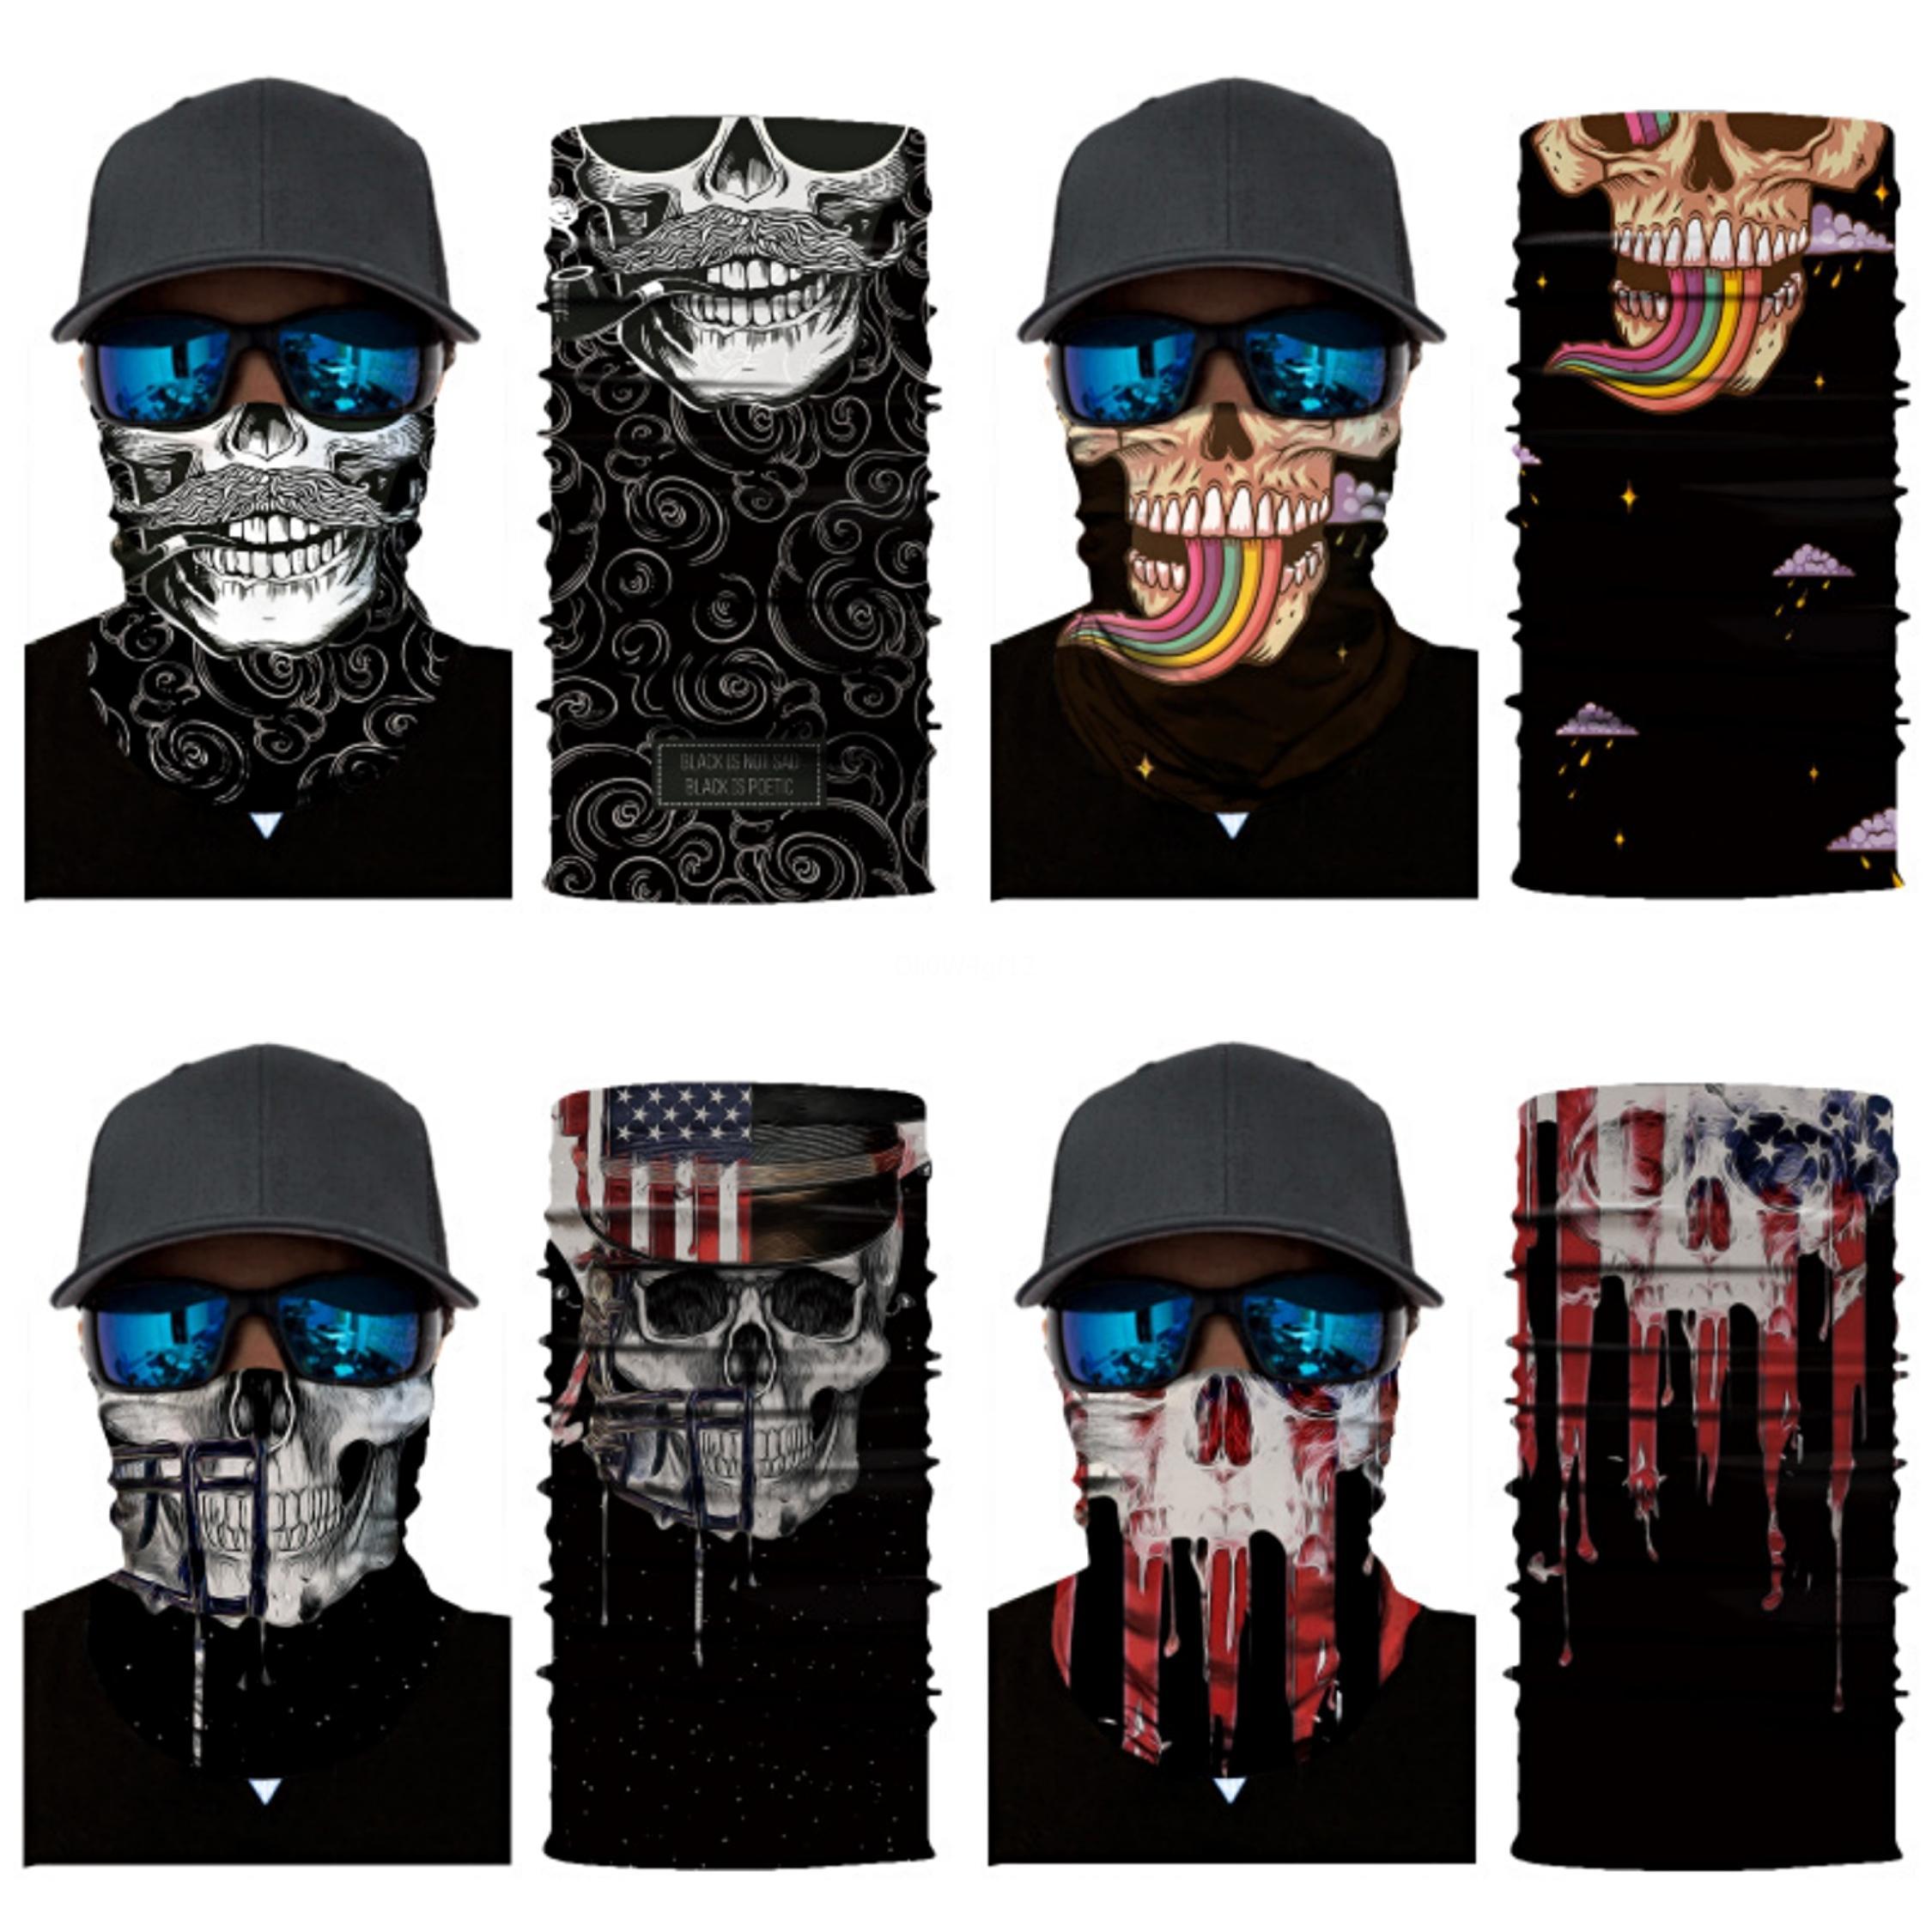 Motivo personalizado Montar Cinta de cabeza cráneo inconsútil realista bufanda al aire libre del alpinismo de la cara mágica Headskull bufanda Ejército desierto rojizo Camoufl # 154